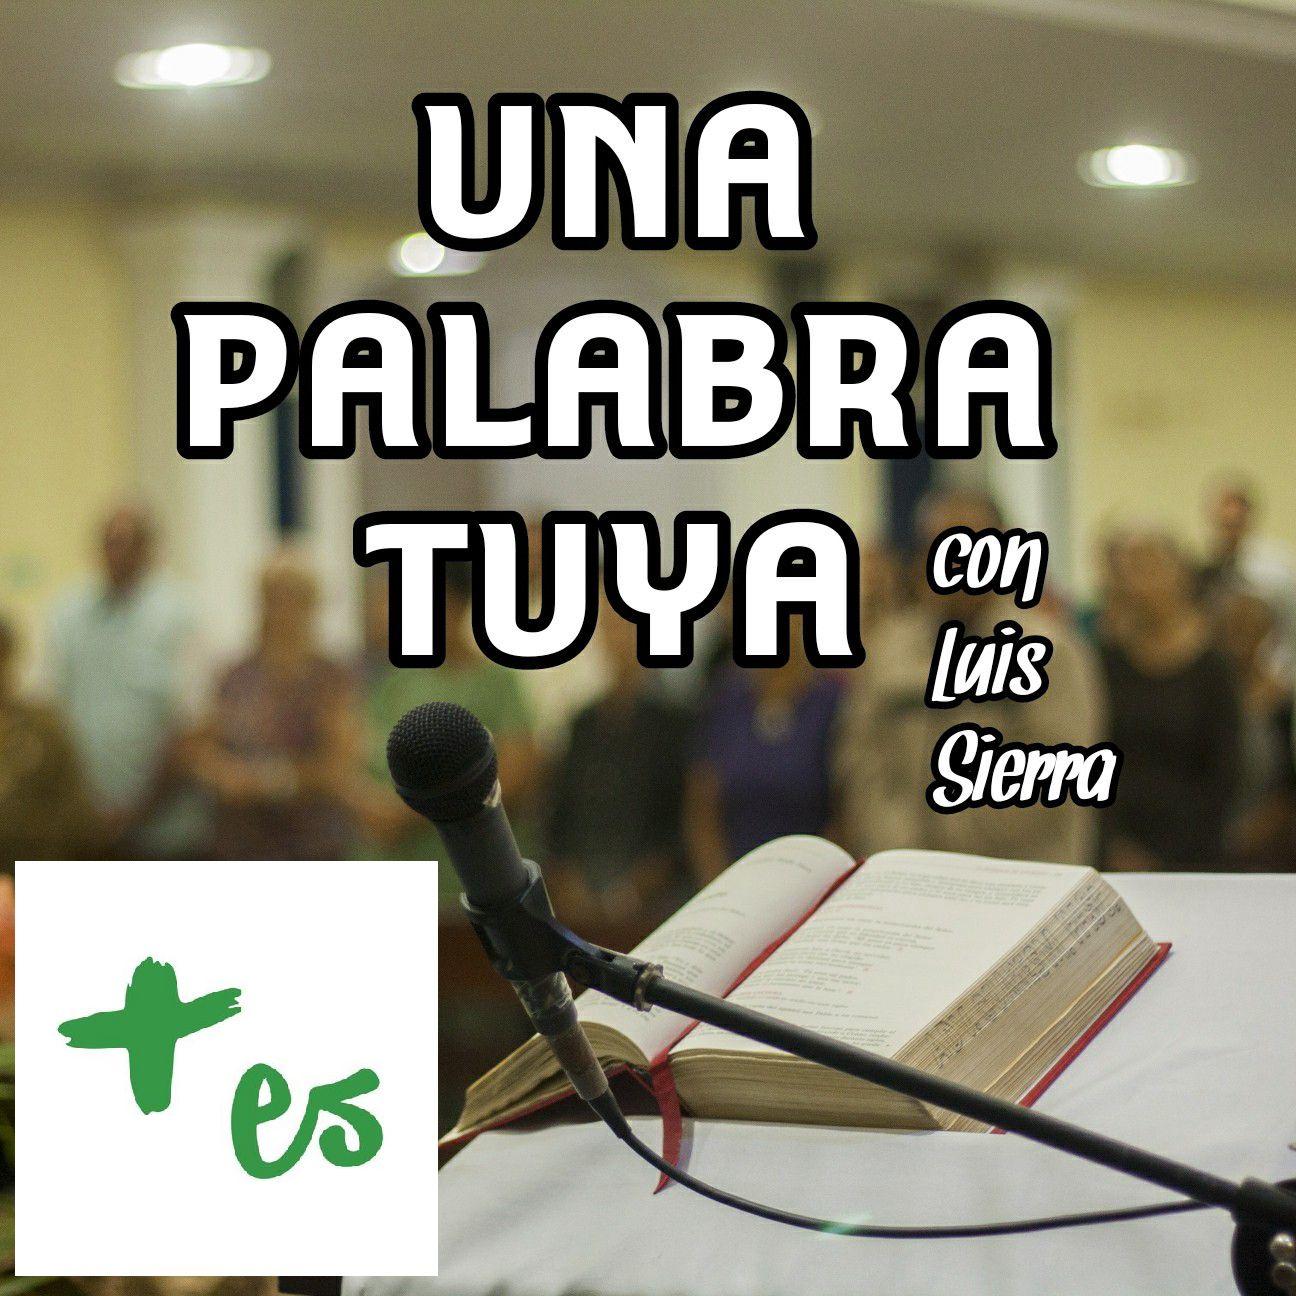 Una Palabra Tuya | 6 FEB 2019